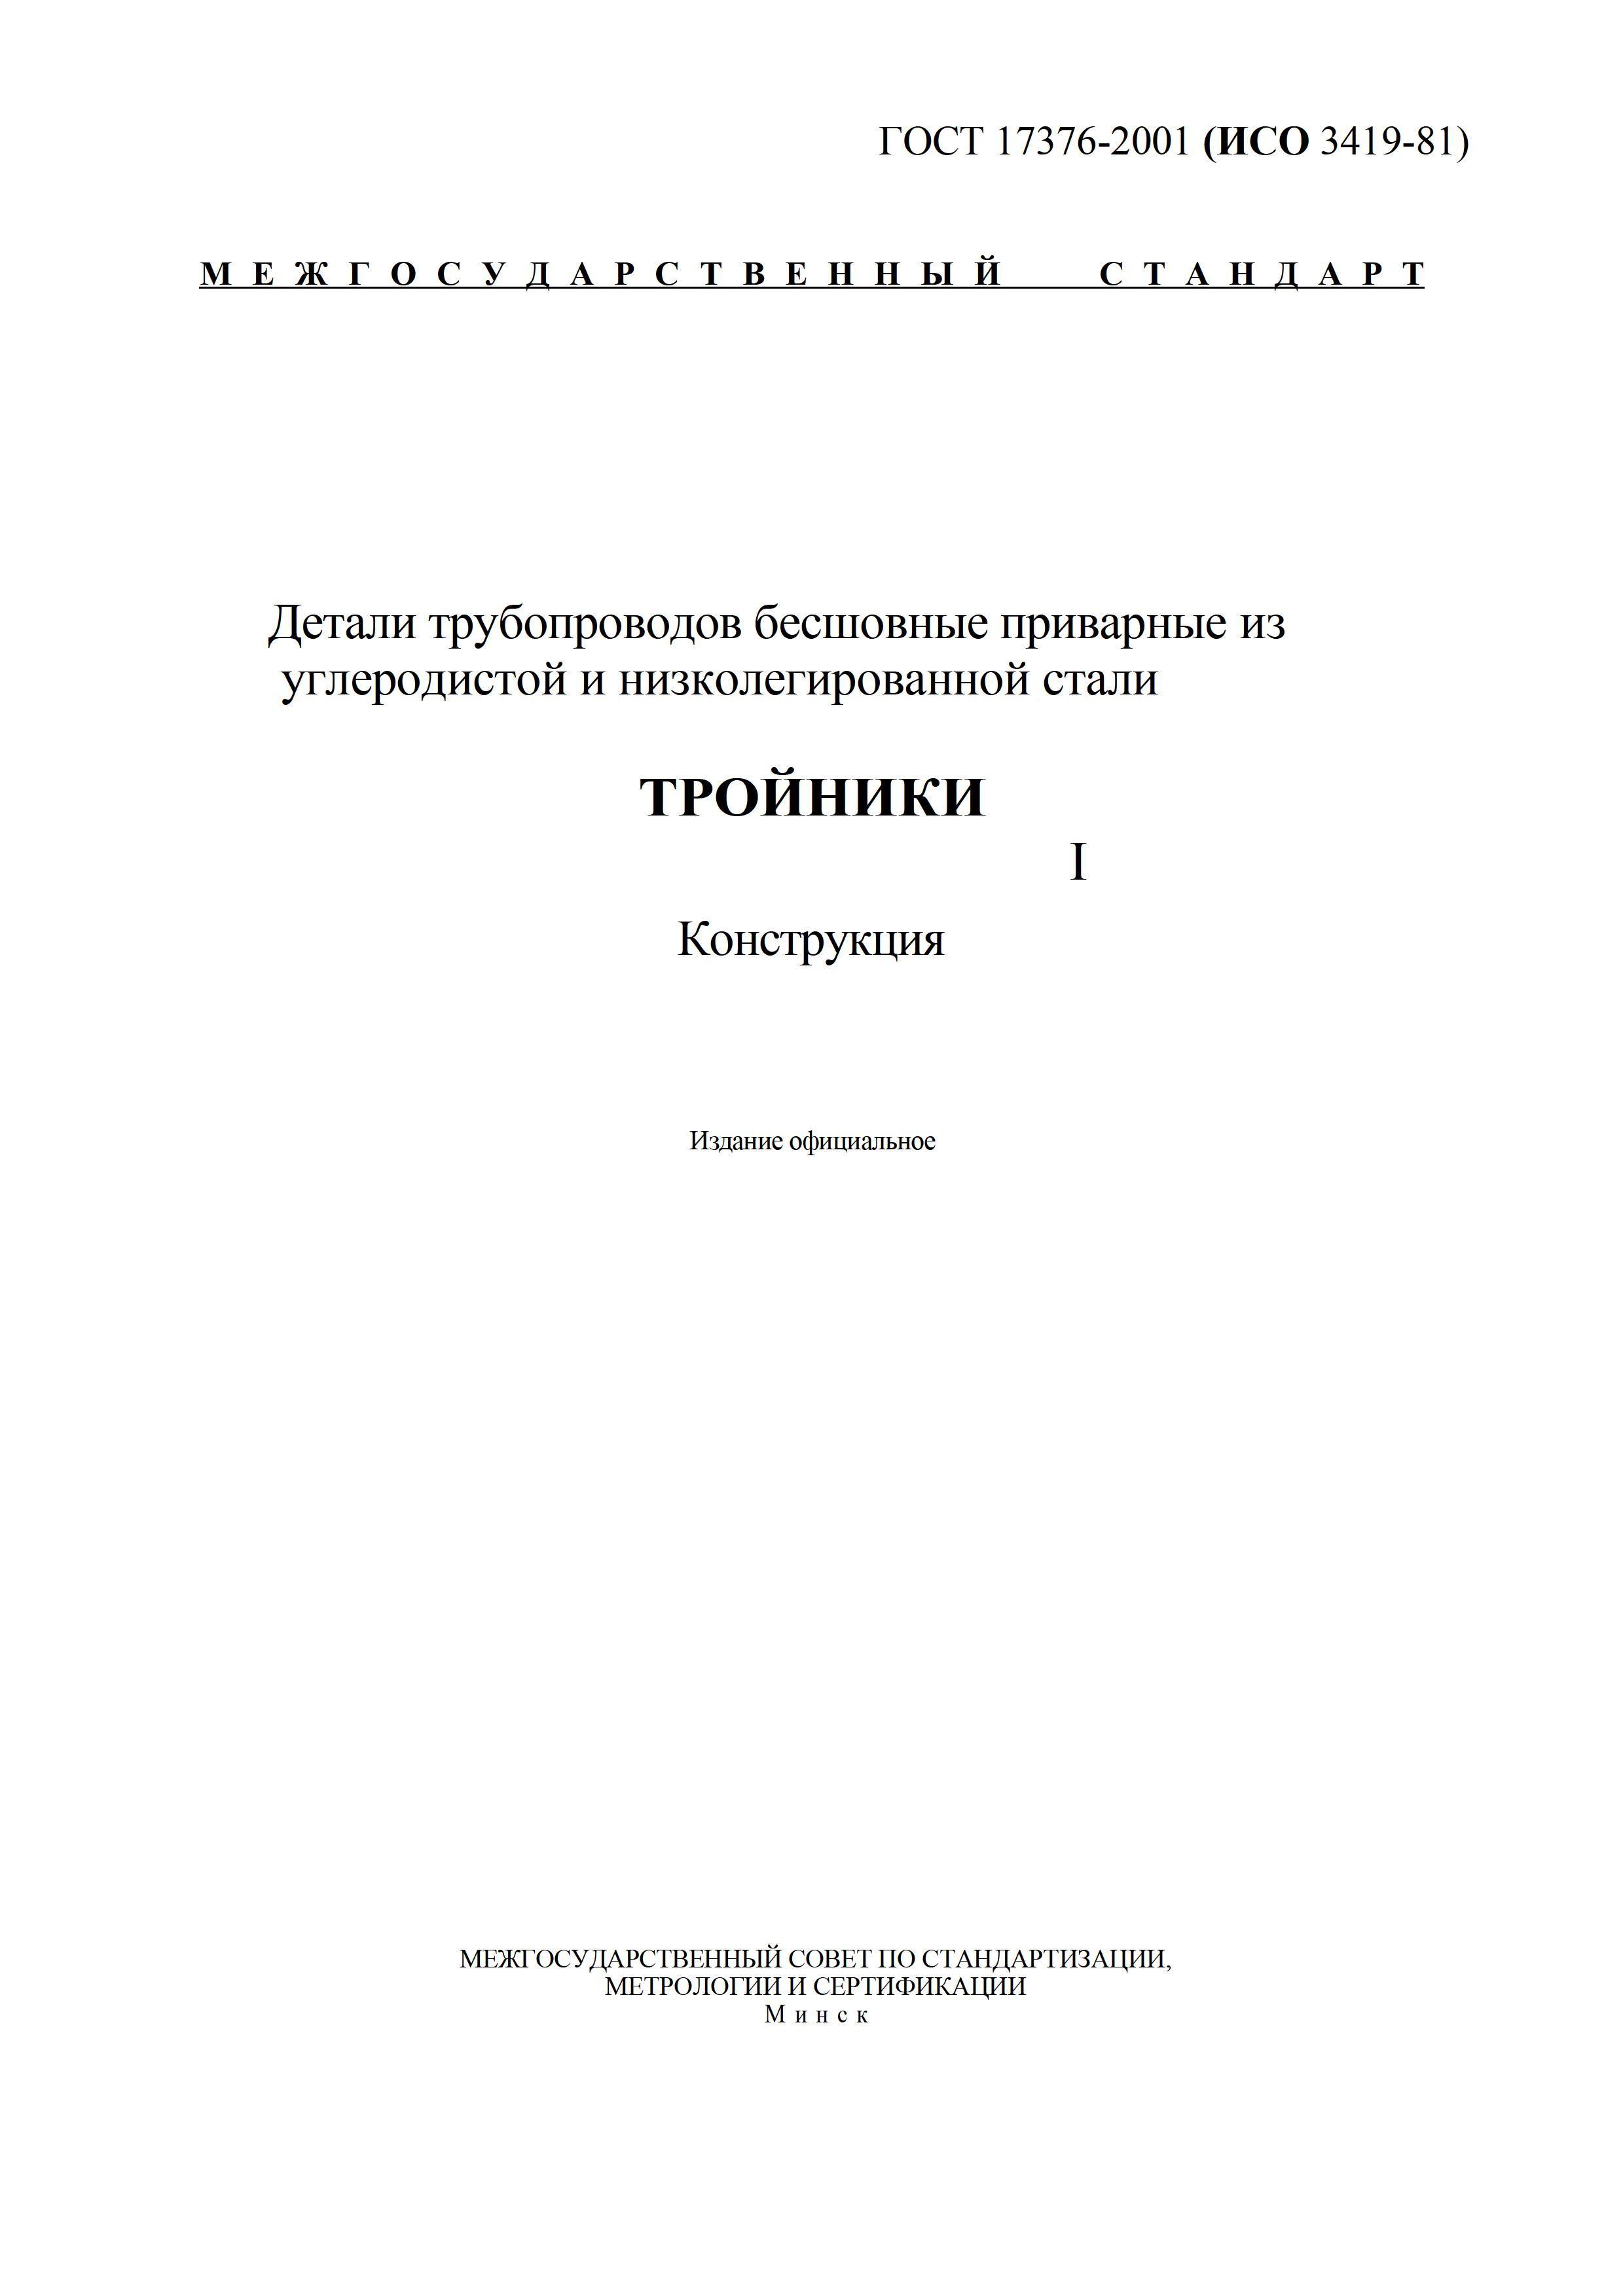 Тройники стальные ГОСТ 17376